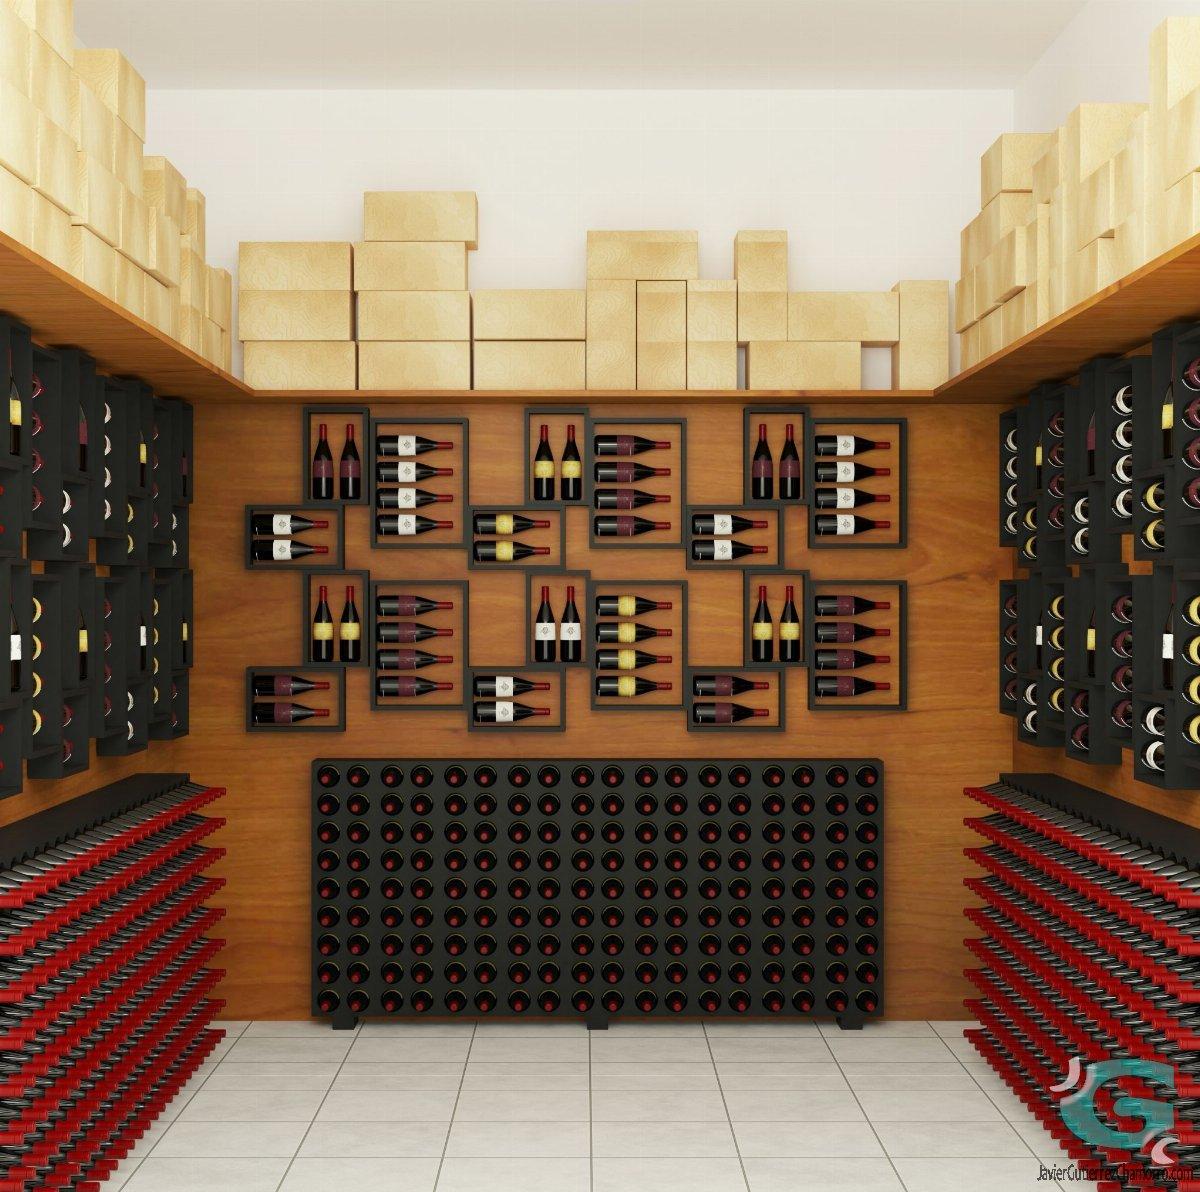 Cavas de vino: tips para elegir la mejor opción de conservación